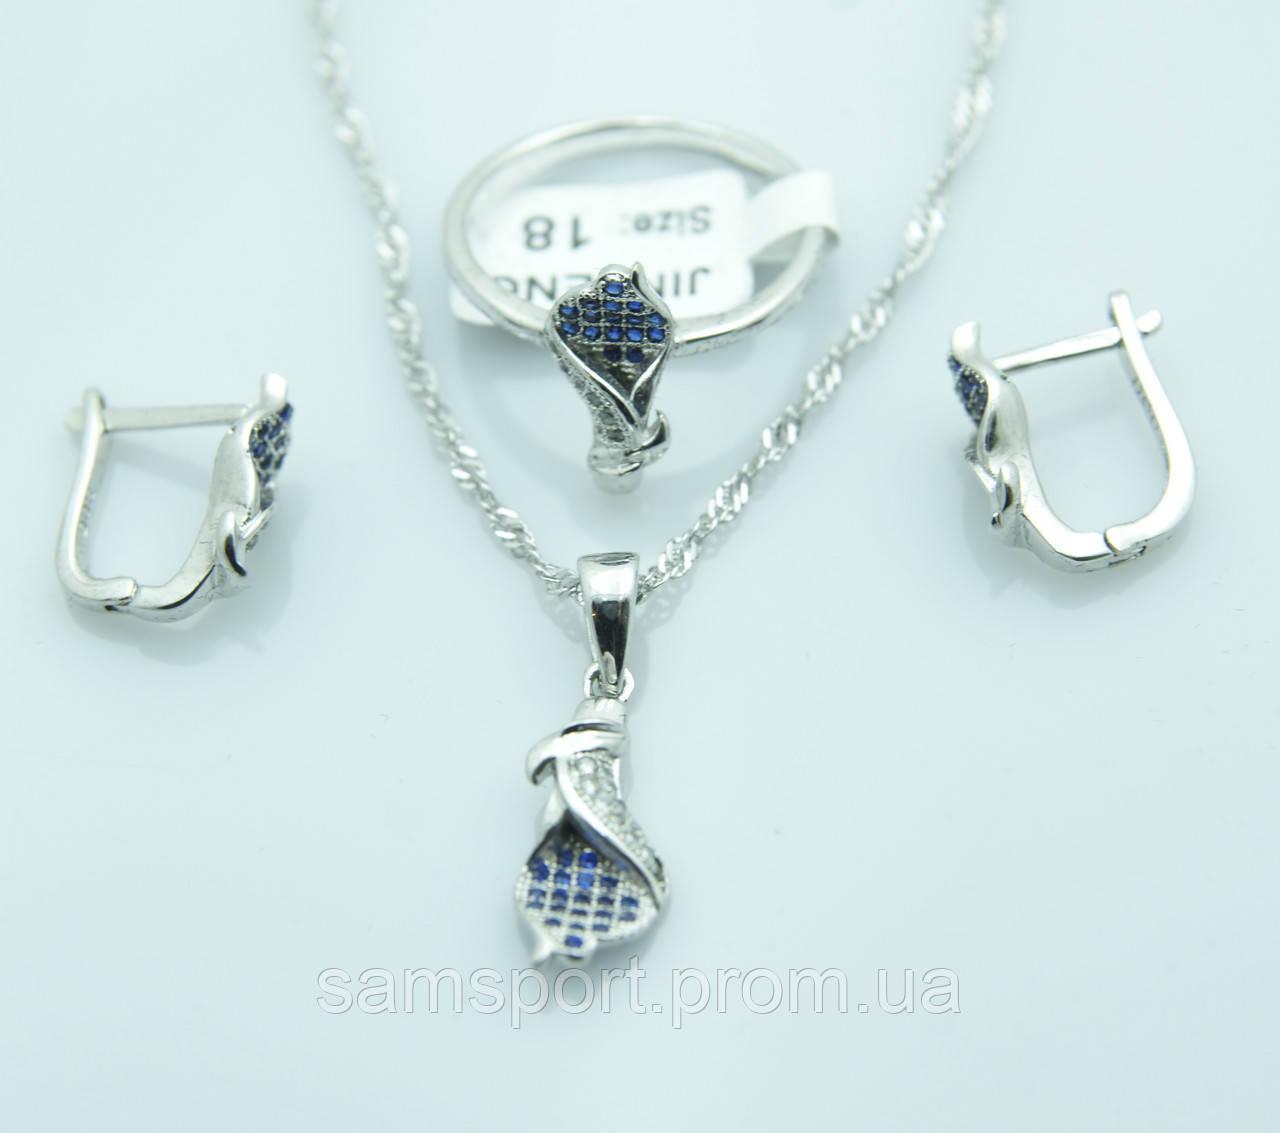 Комплект бижутерии с синими камнями. Нарядные наборы украшений оптом. 222